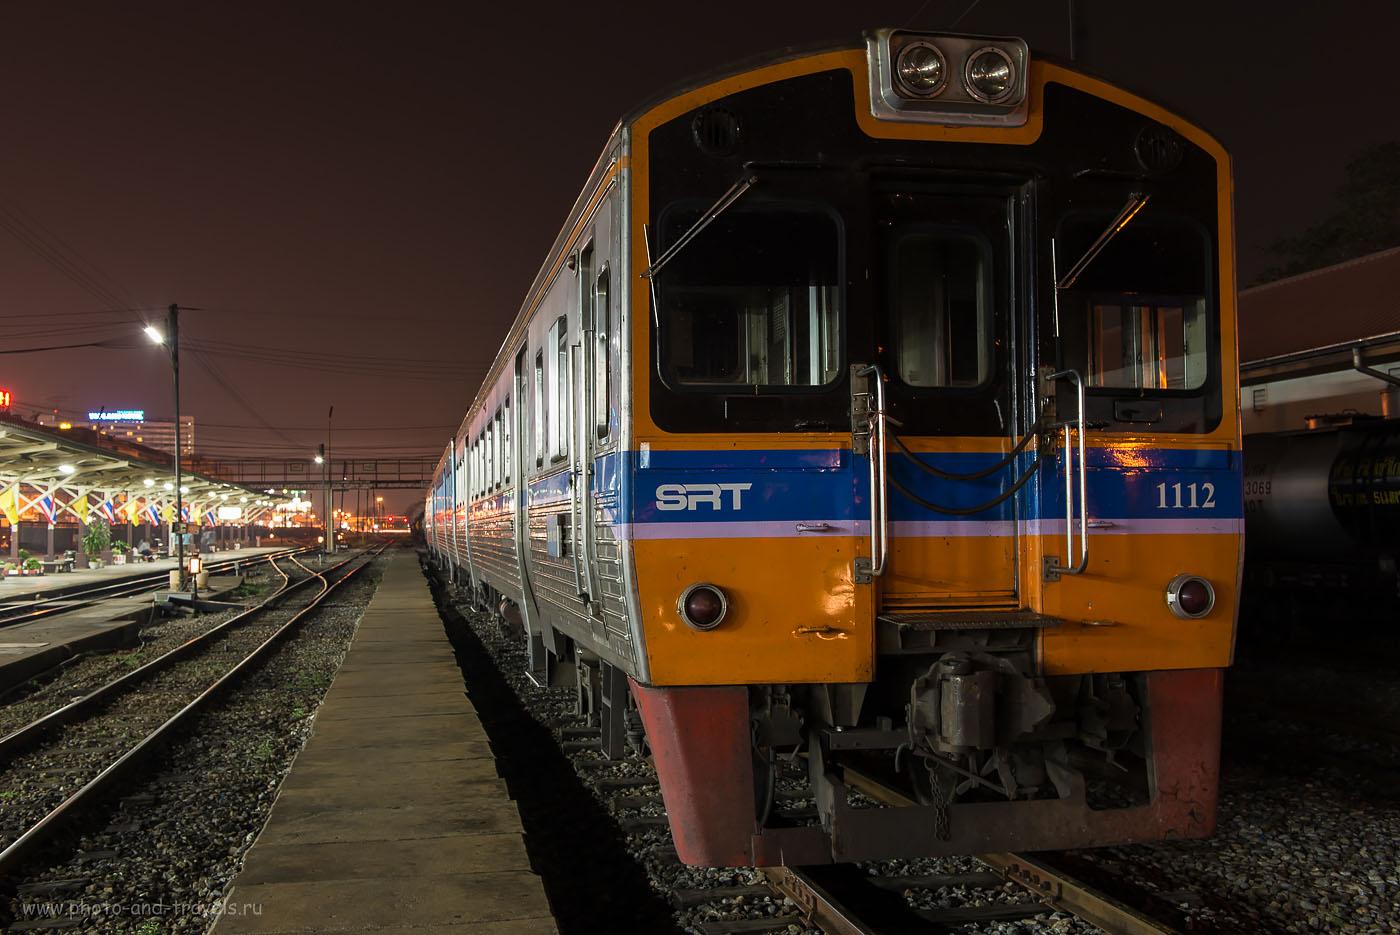 Фотография 2. Тайский поезд на станции Пхитсанулок. Отзывы о путешествии по Таиланду дикарями. Снято со штатива. ИСО 100.